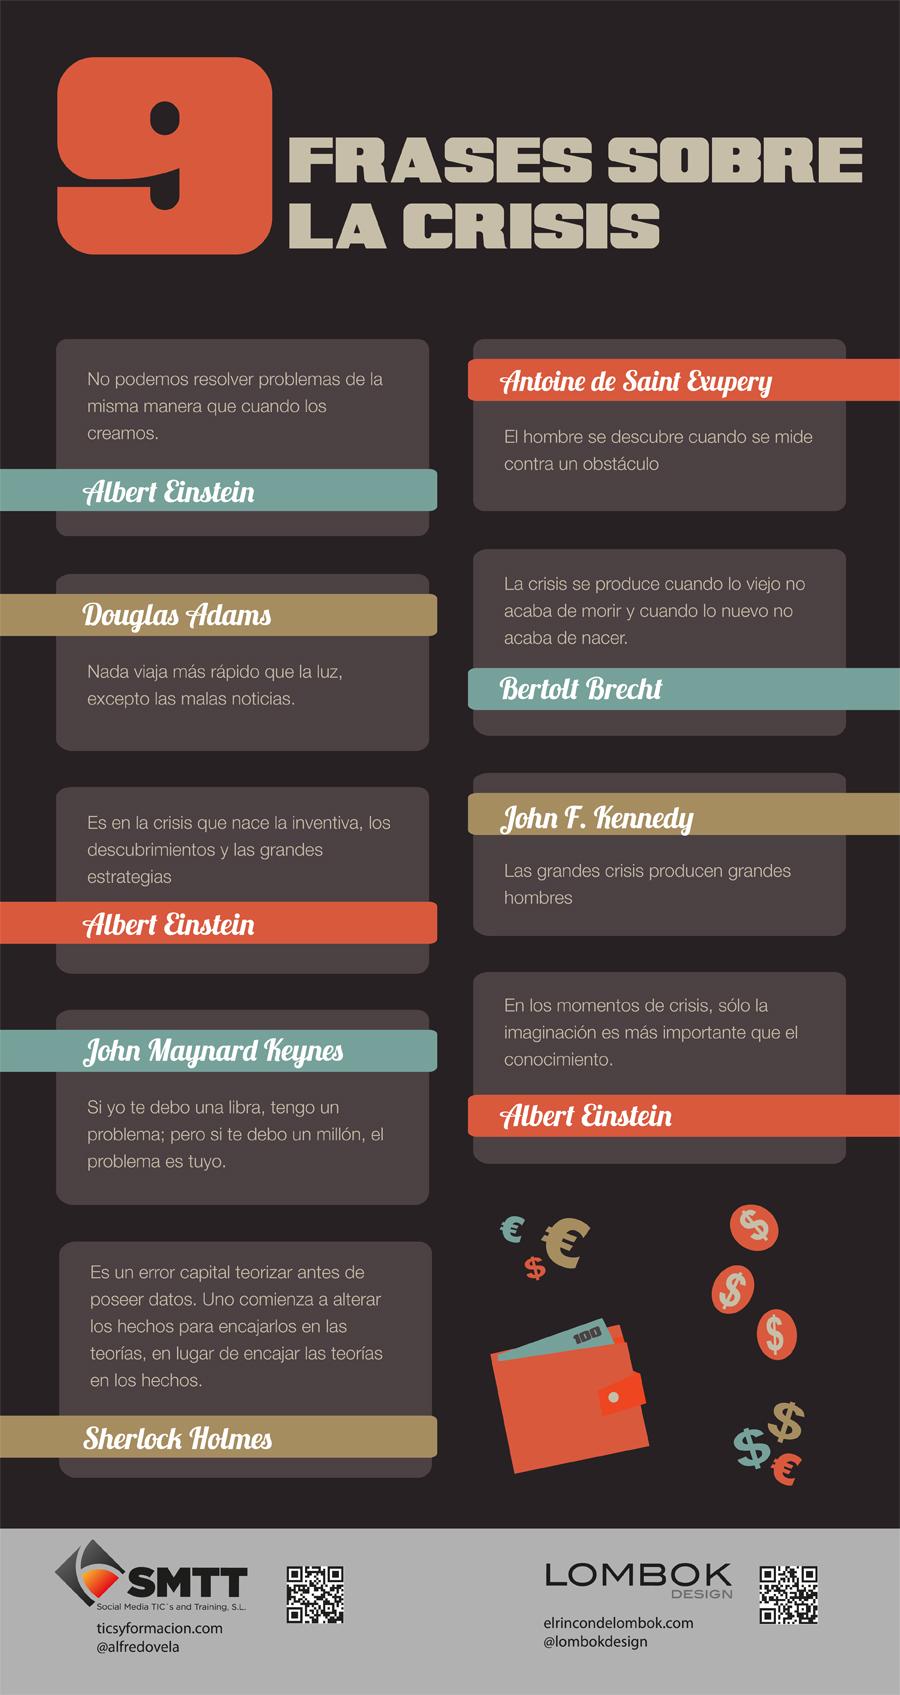 9 frases históricas sobre la crisis. #infografia #infographic